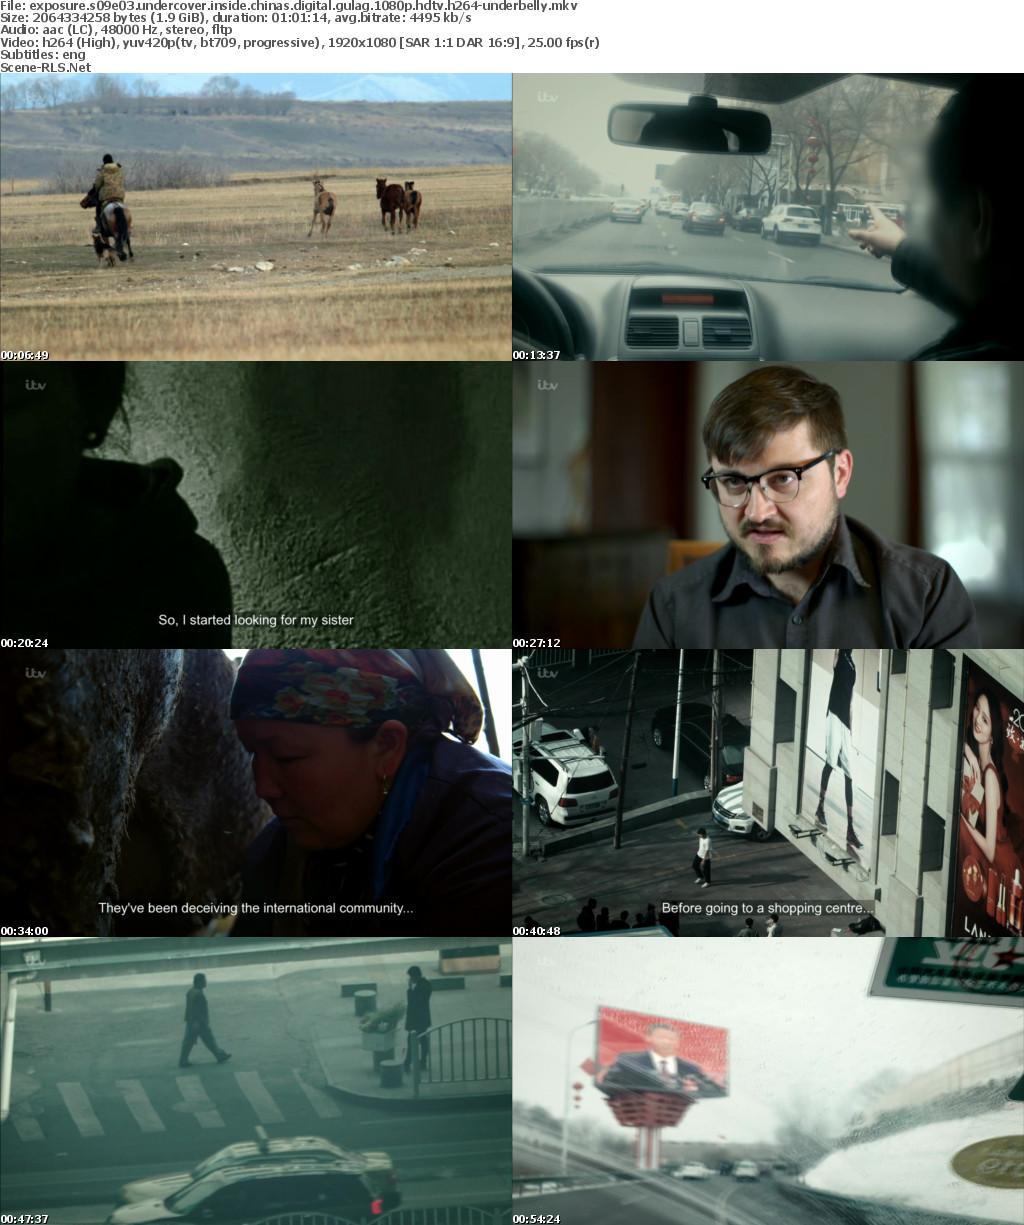 Exposure S09E03 Undercover Inside Chinas Digital Gulag 1080p